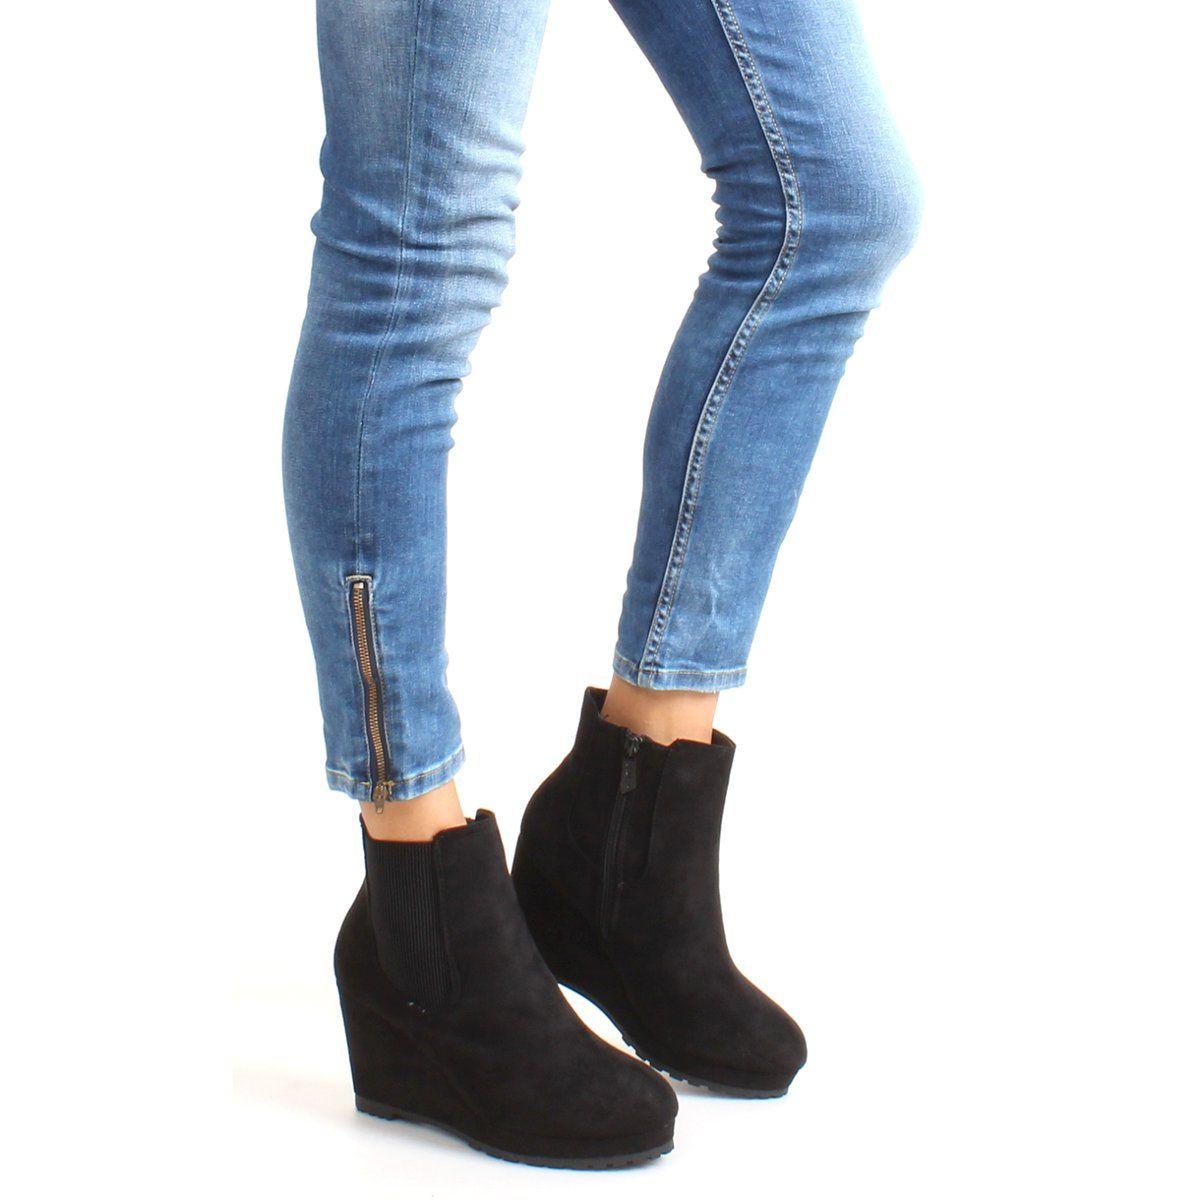 Botki Damskie Obuwiedamskie Czarne Zamszowe Sztyblety Na Koturnie Zy9106 Black Obuwie Damskie Fashion Boots Shoes